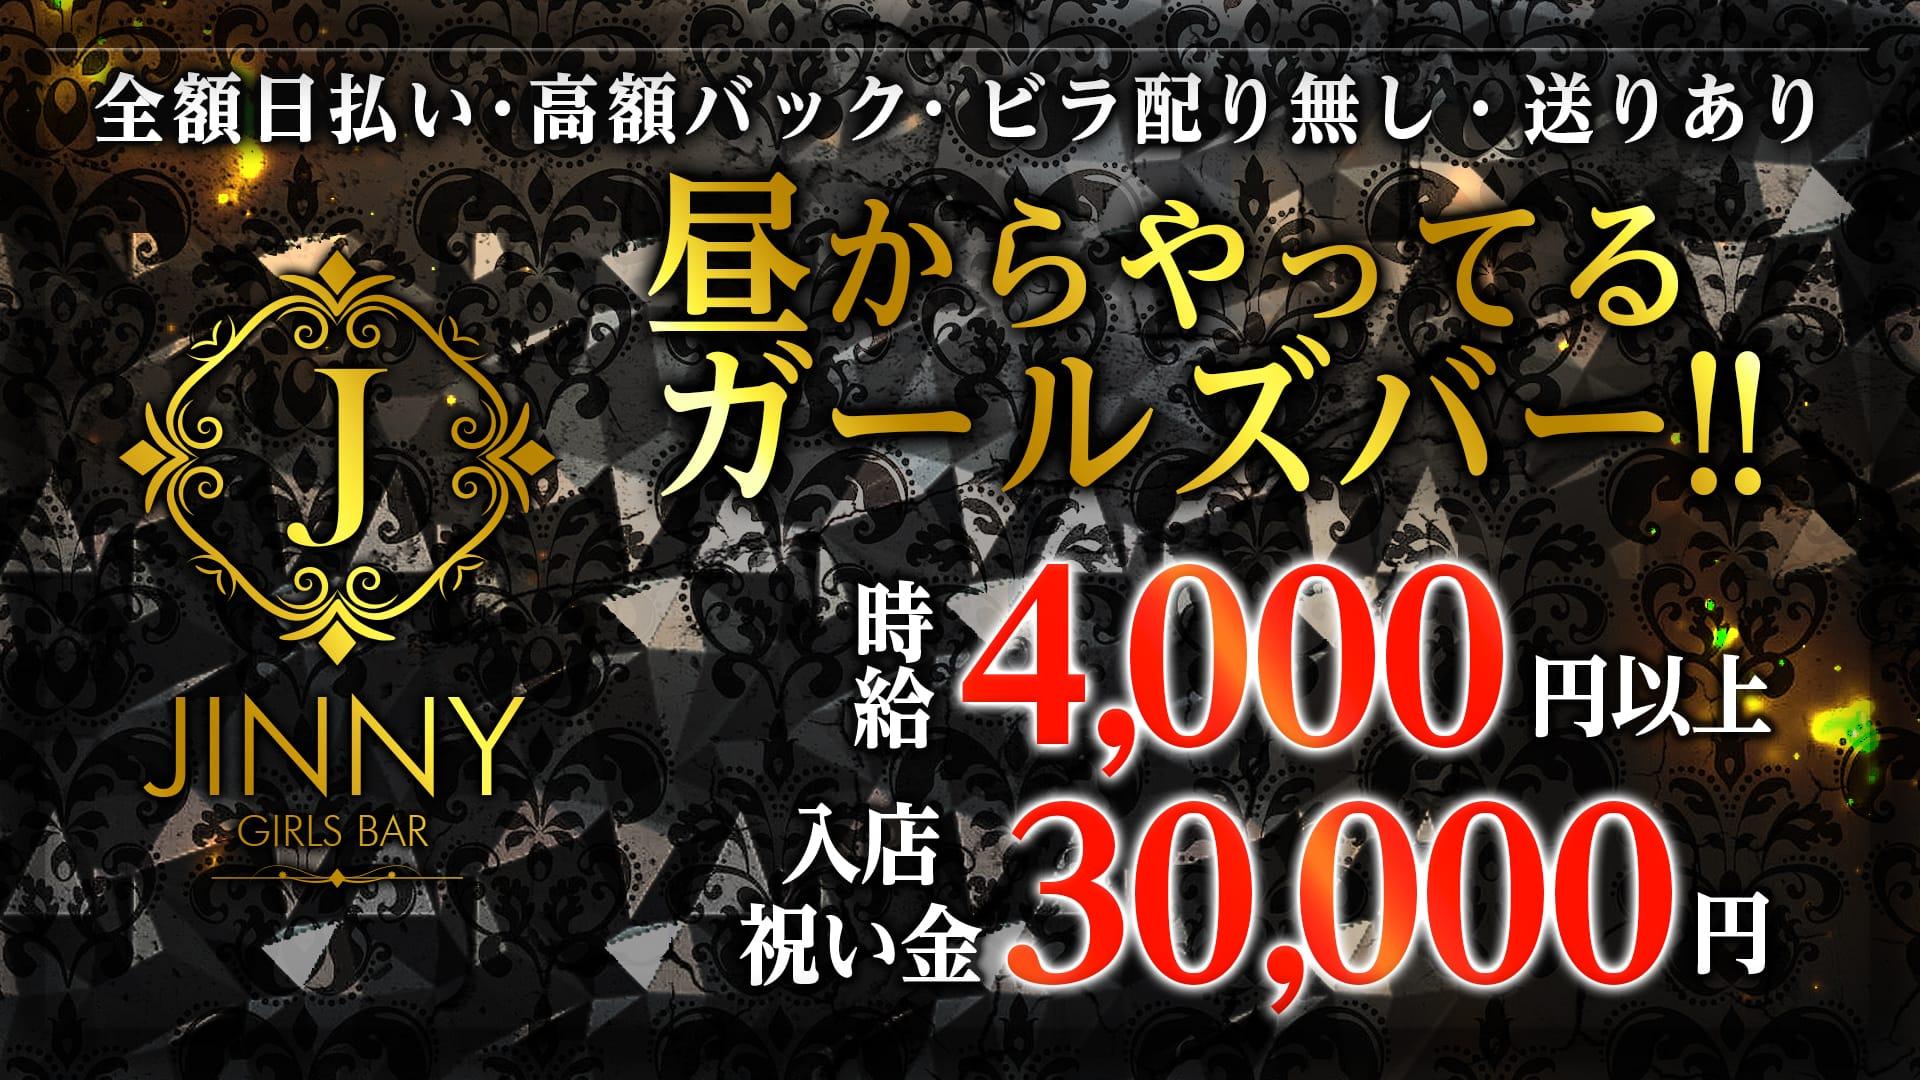 ガールズバーJinny(ジニー) 渋谷ガールズバー TOP画像